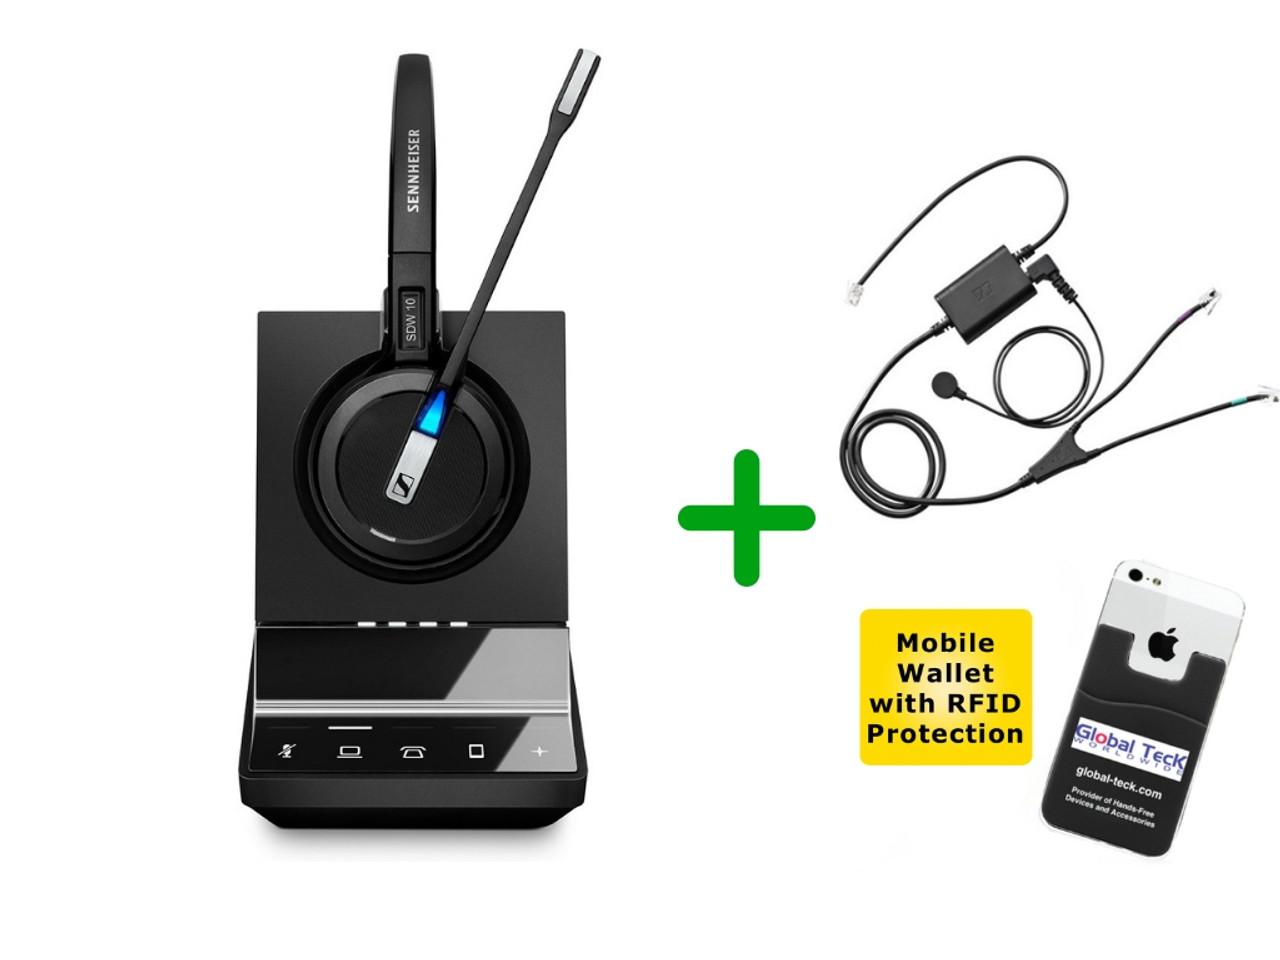 Shoretel Compatible Sennheiser Cordless Sdw 5016 Wireless Headset Bundle For Shoretel Deskphones Bluetooth Phones And Pc Mac Includes Shoretel Ehs Adapter Compatible Shoretel Ip Phones Global Teck